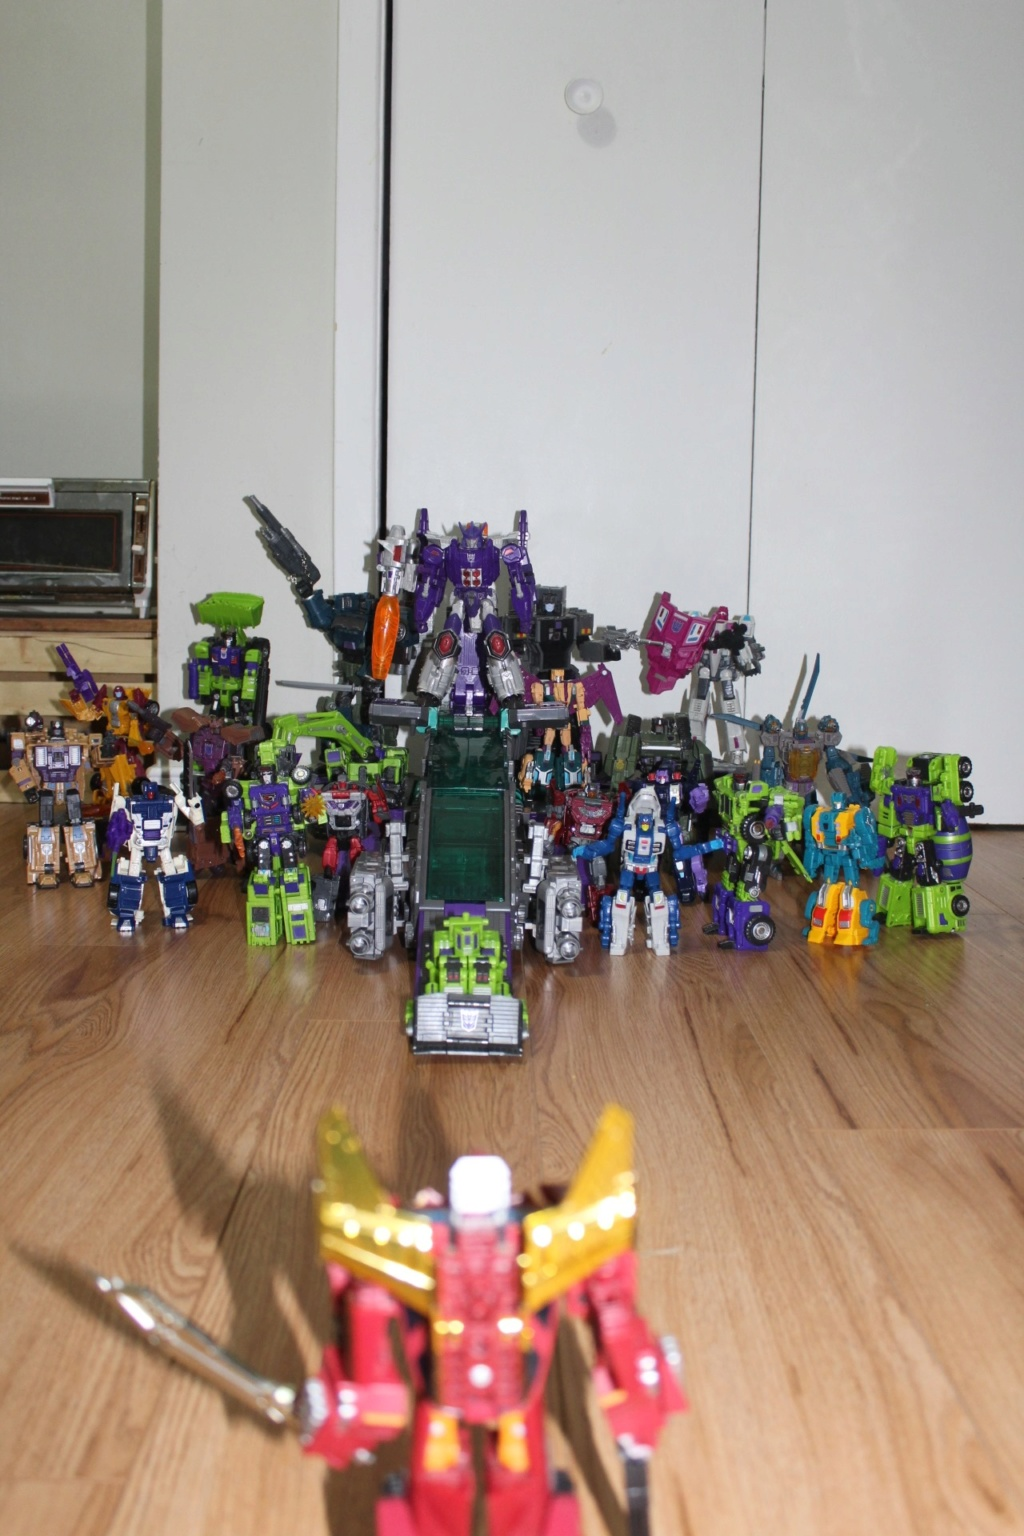 Guerres Transformers! Montrez-moi vos batailles et guerres épiques en photo ici. - Page 8 62077910